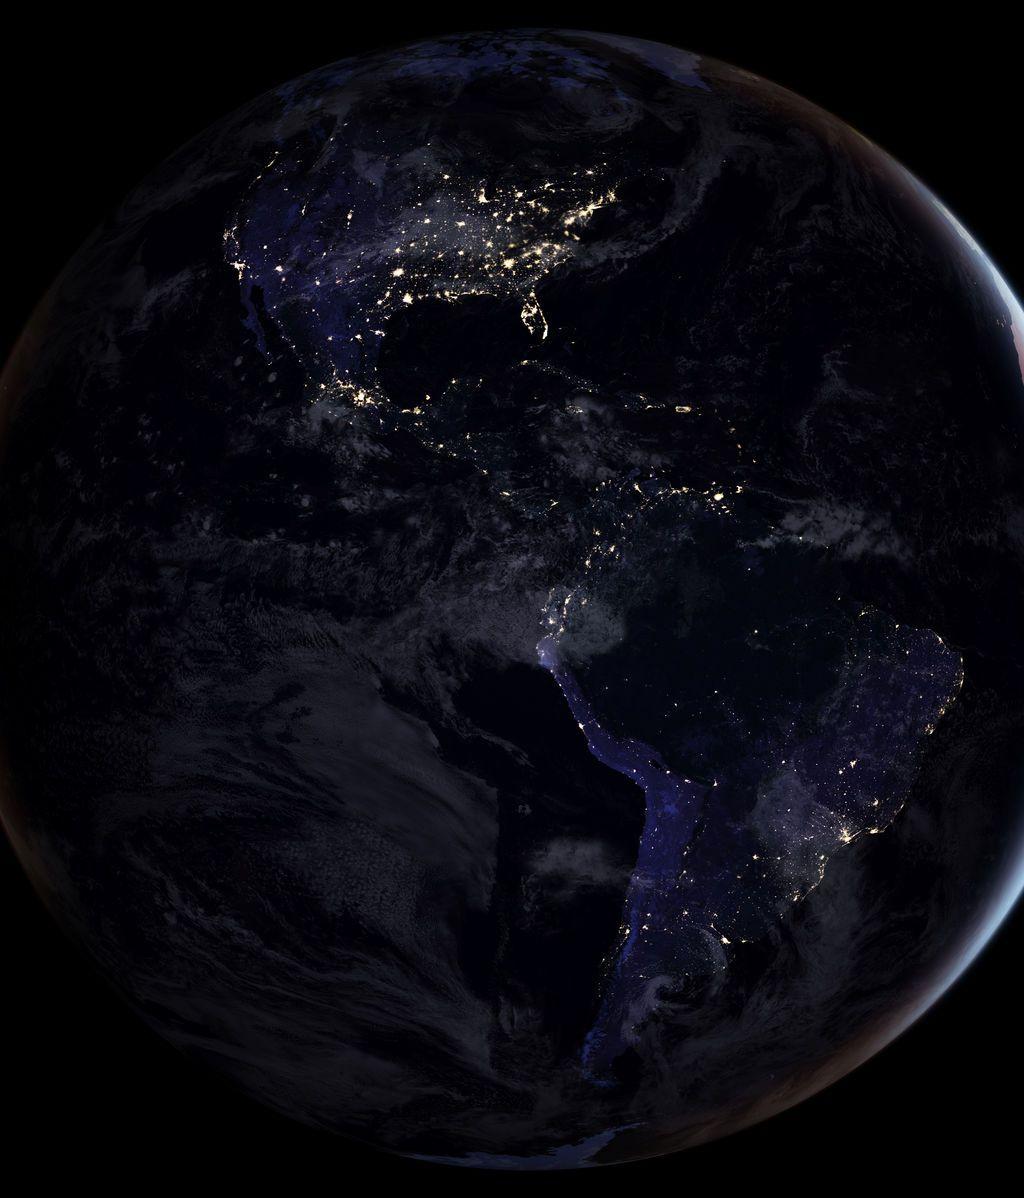 Una imagen compuesta lanzada por la NASA que muestra el hemisferio occidental completo por la noche